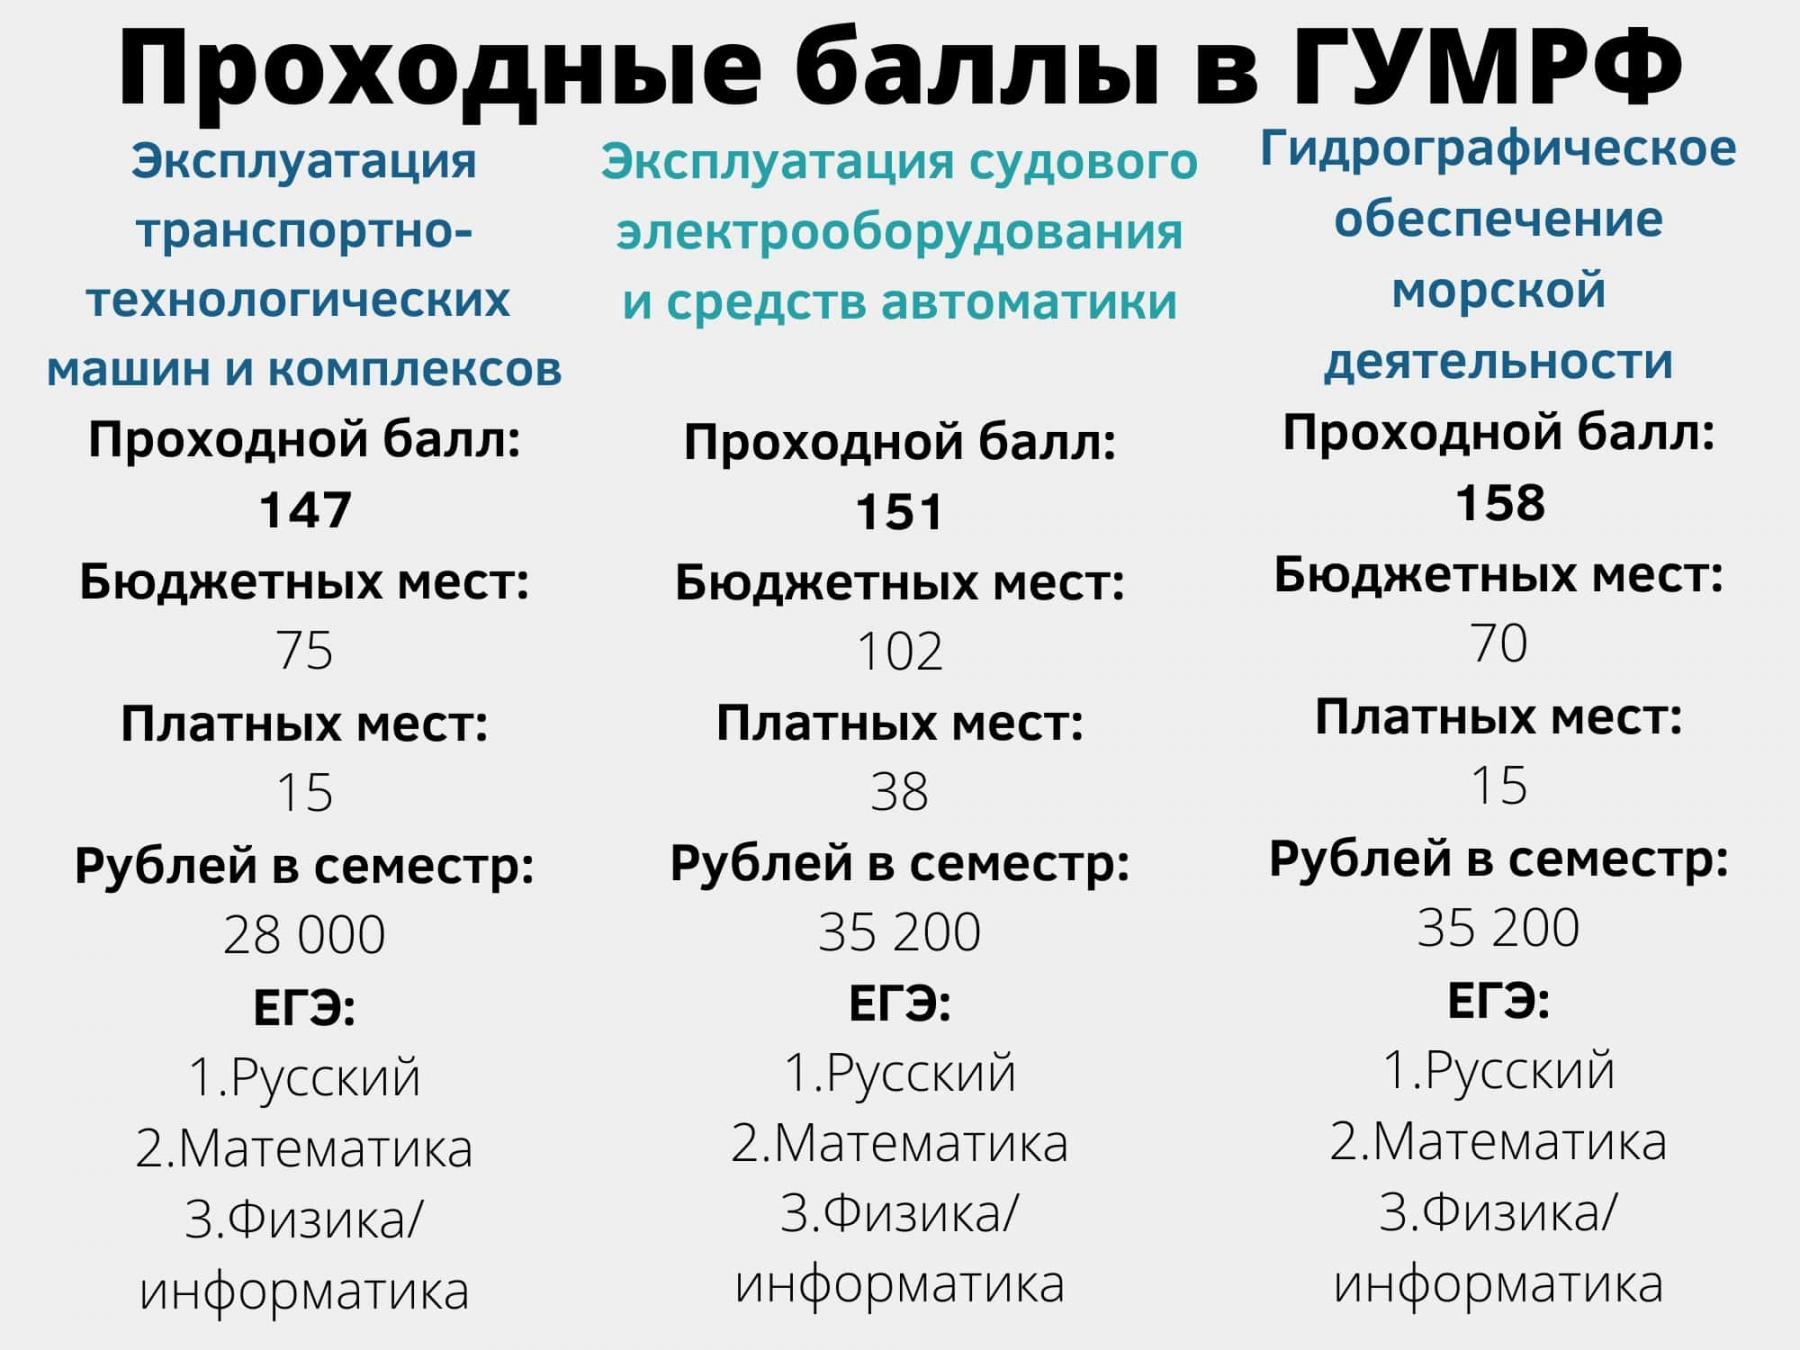 фото 7 вузов Санкт-Петербурга с самыми низкими баллами ЕГЭ на бюджет летом 2021 года 6